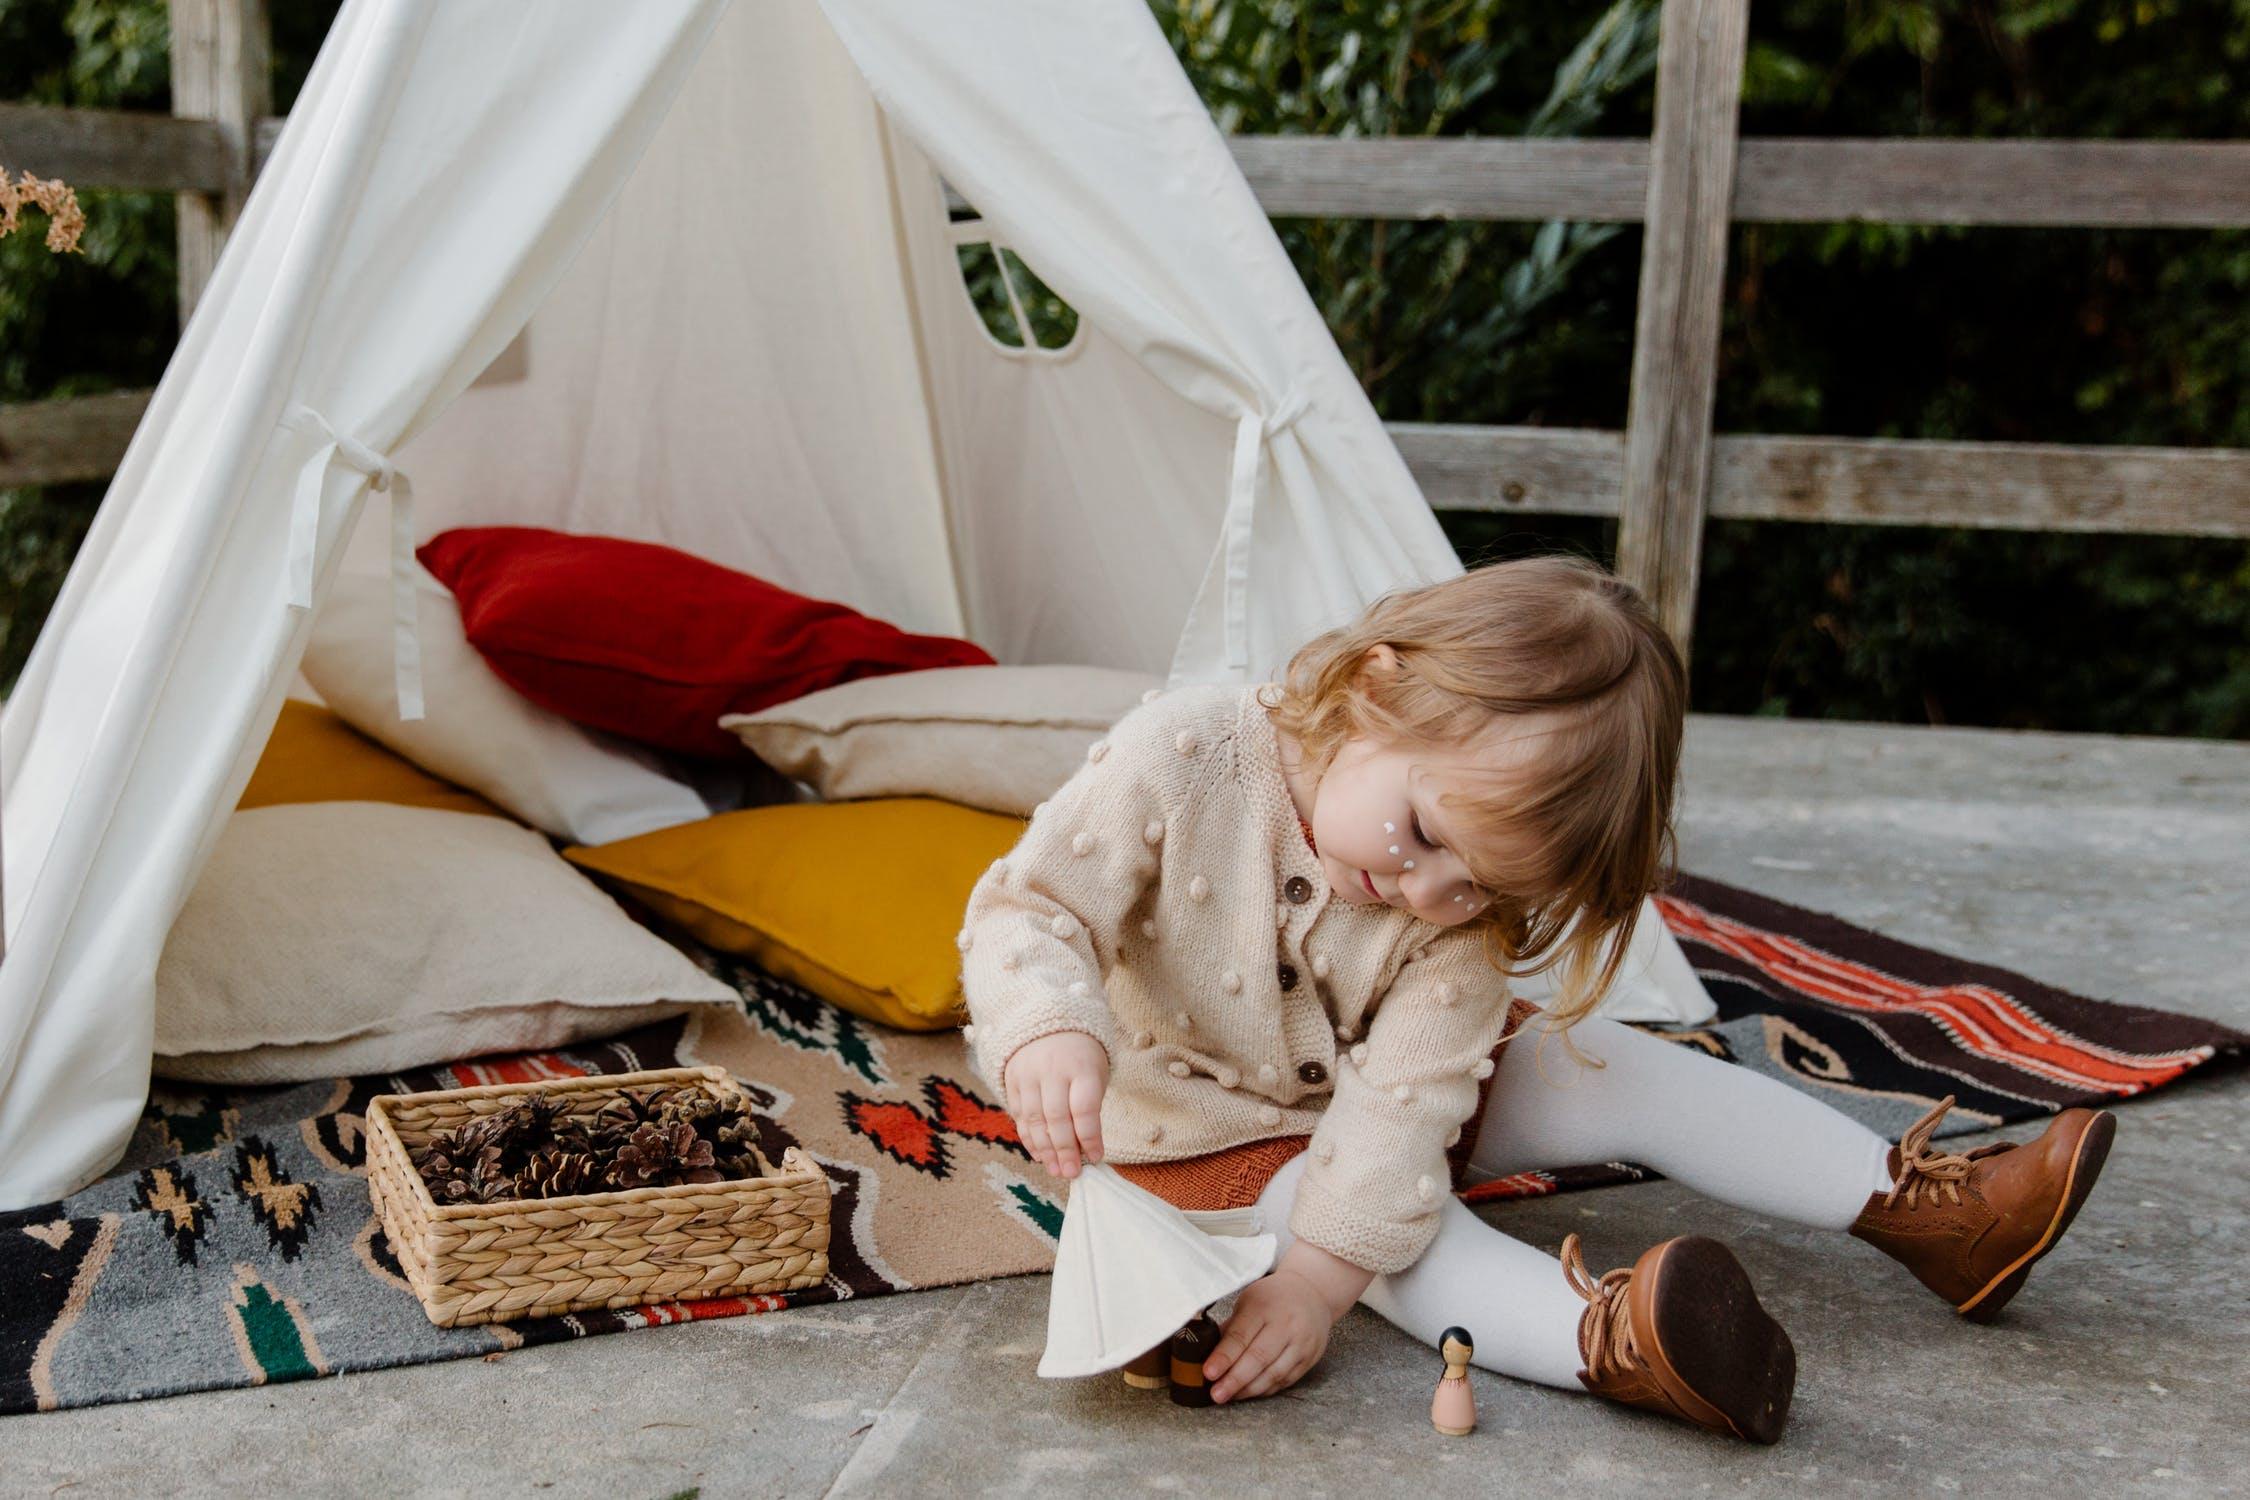 Deti majú v predškolskom veku obdobie, kedy radi triedia rôzne predmety. / Zdroj: Pexels